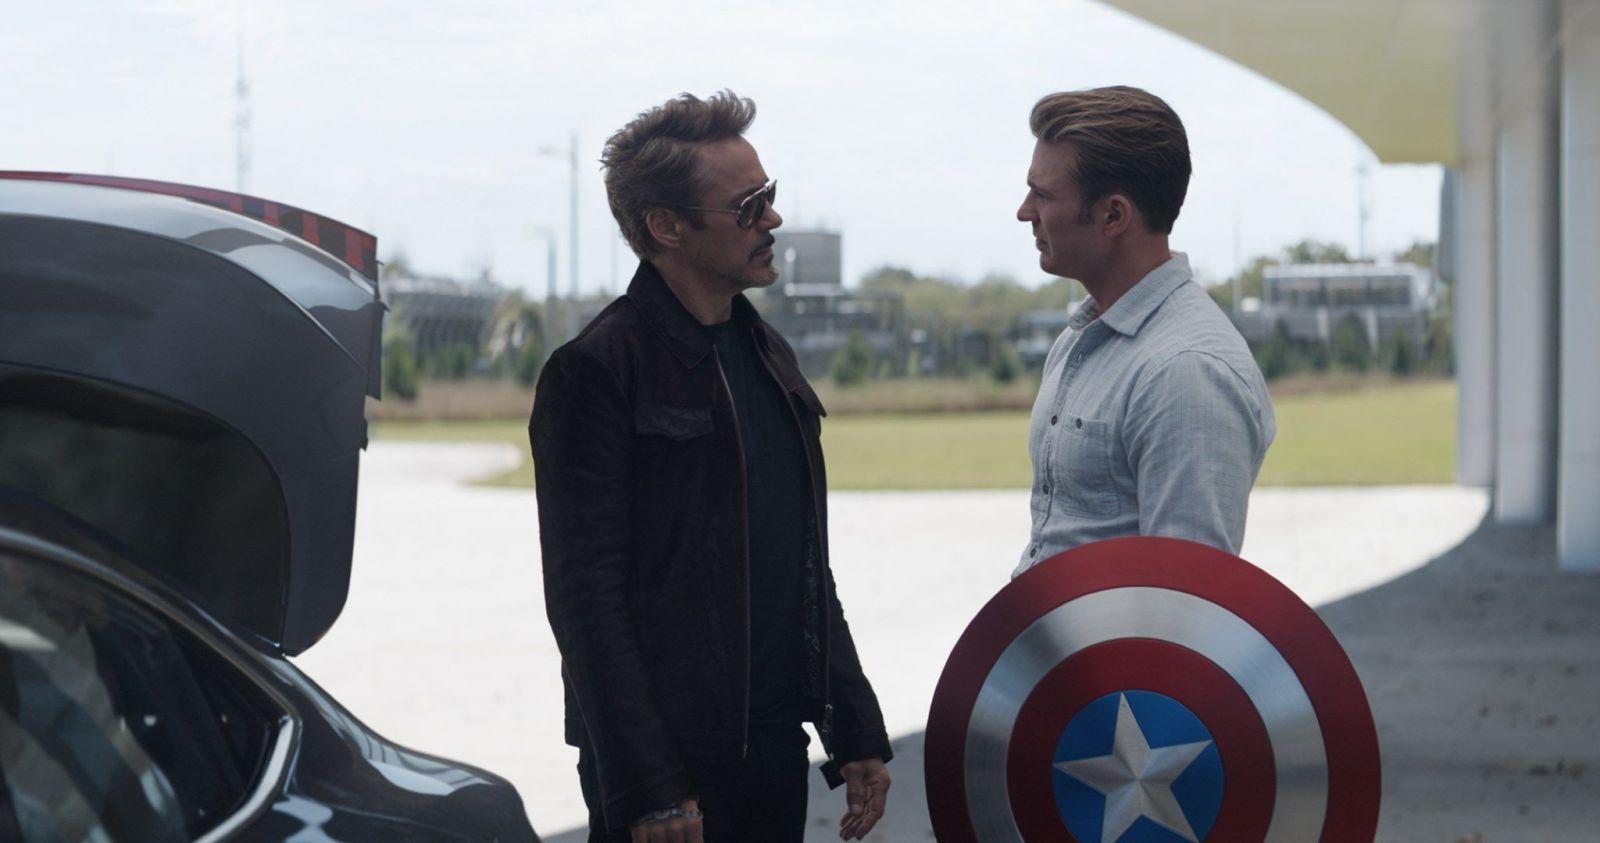 Svět Marvelu: Tvůrci Avengers: Endgame vysvětlují nového Captaina Americu, Hulka a budoucnost MCU